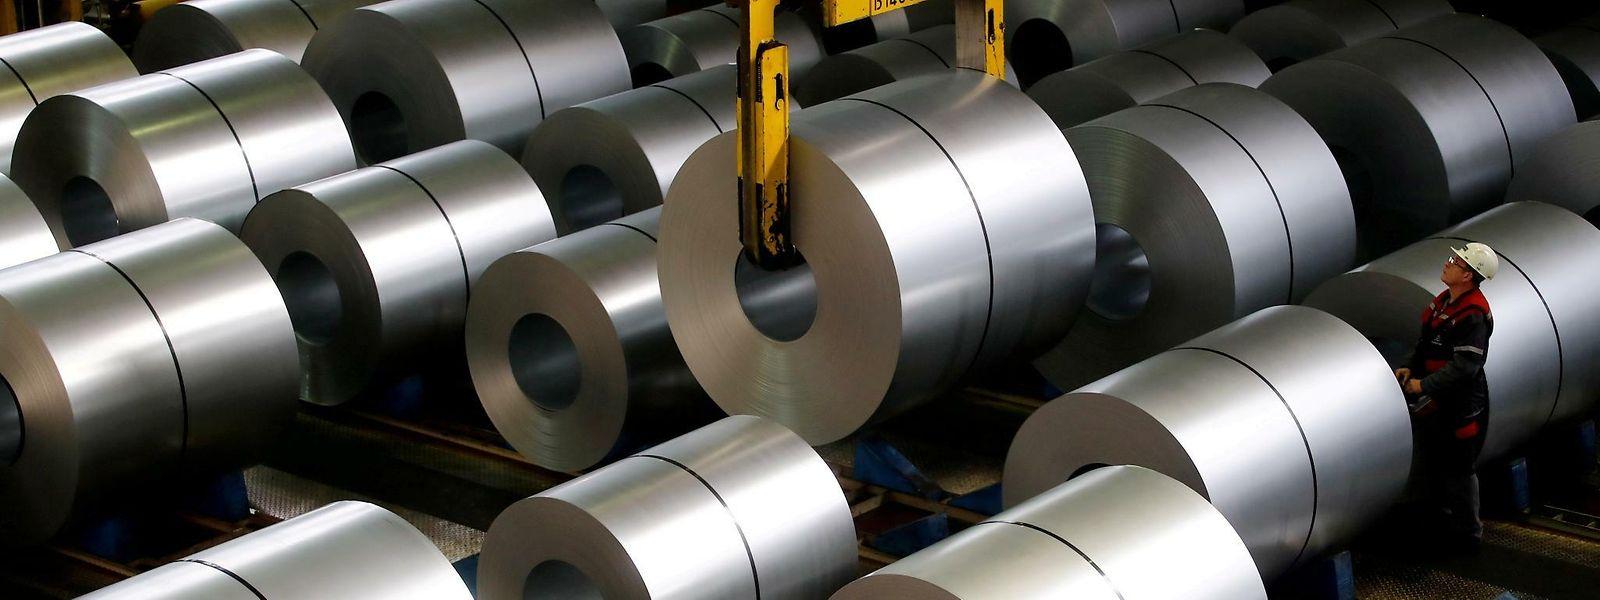 Selon l'OGBL et le LCGB, l'usine de Dudelange fonctionnerait pour l'heure «entre 25 et 50%» de ses capacités et son avenir s'annonce compliqué.